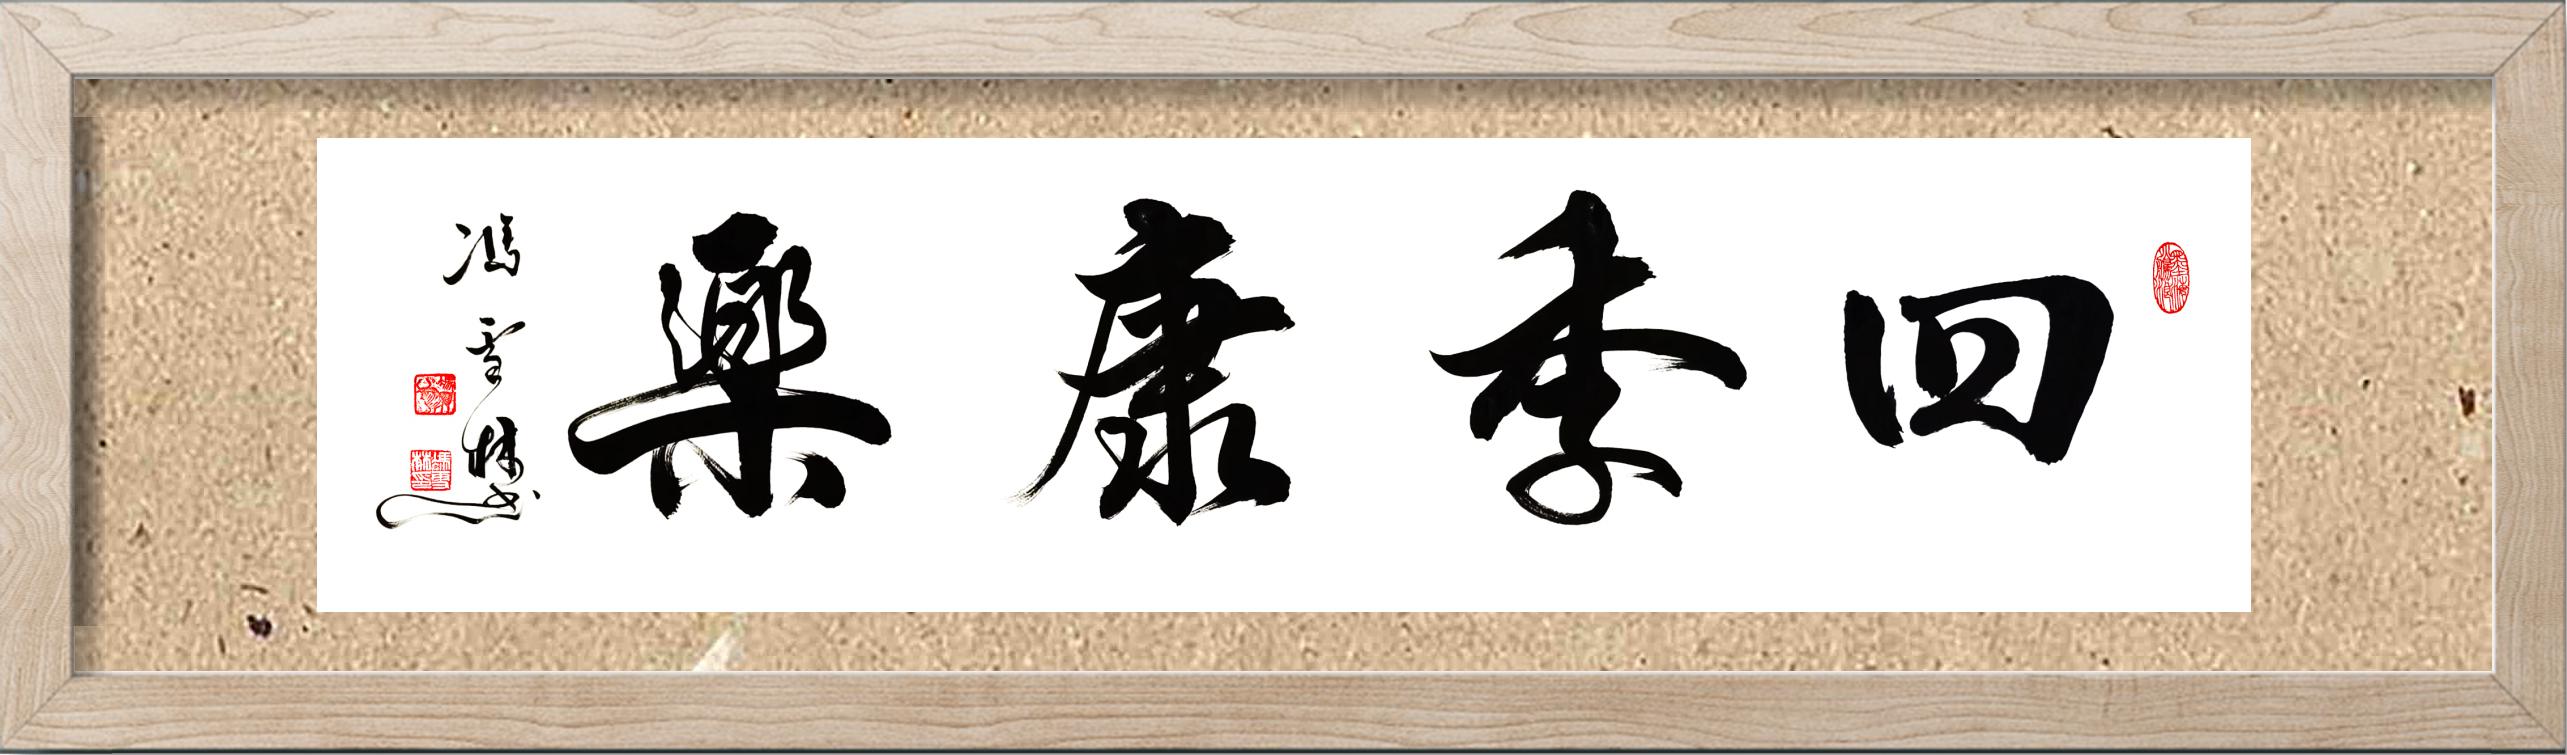 四季康乐书法作品欣赏